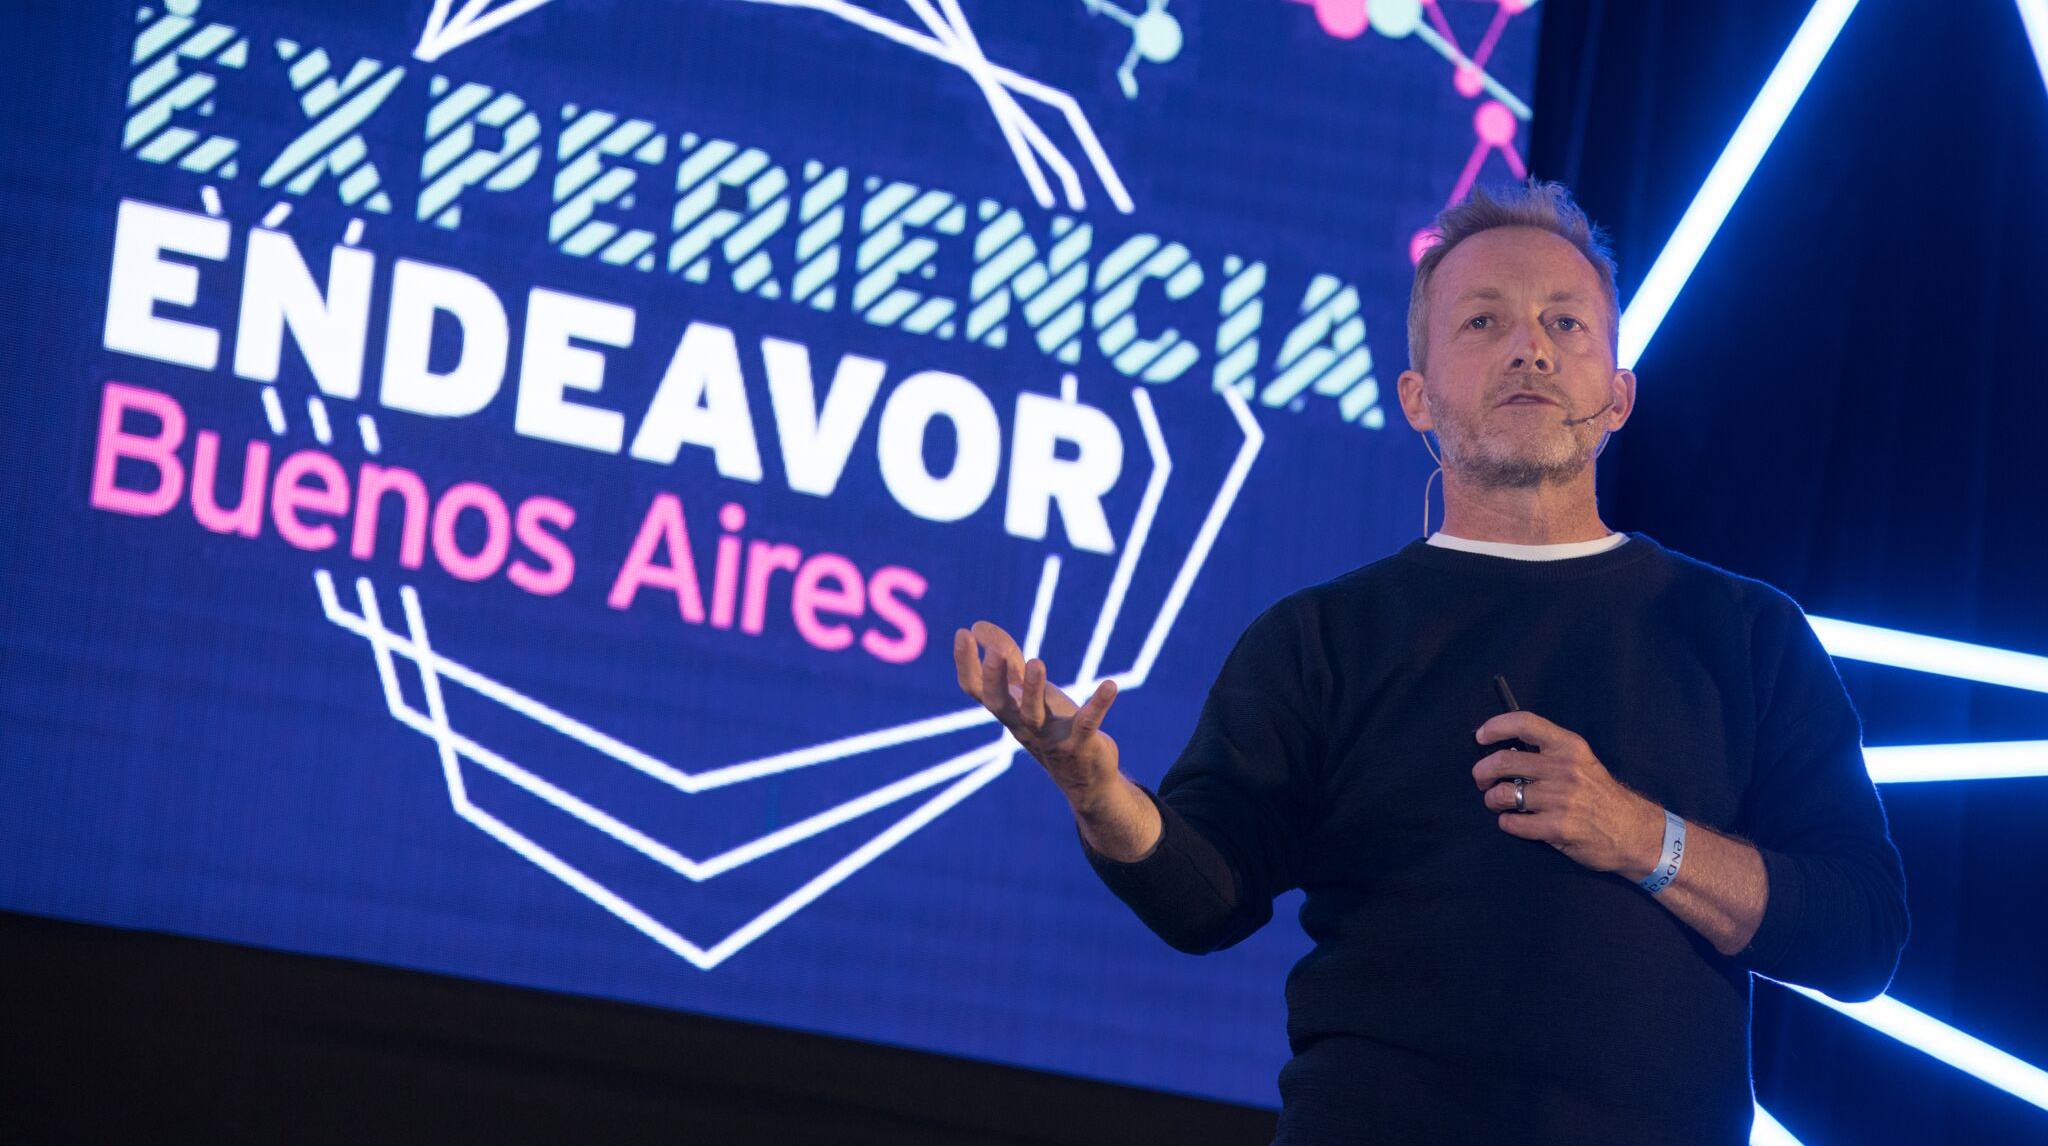 """Steven Kydd participó como orador en el mega evento """"Experiencia Endeavor"""", con el que esta ONG- que aglutina emprendedores de alto impacto -celebró sus 20 años de existencia (Endeavor)"""